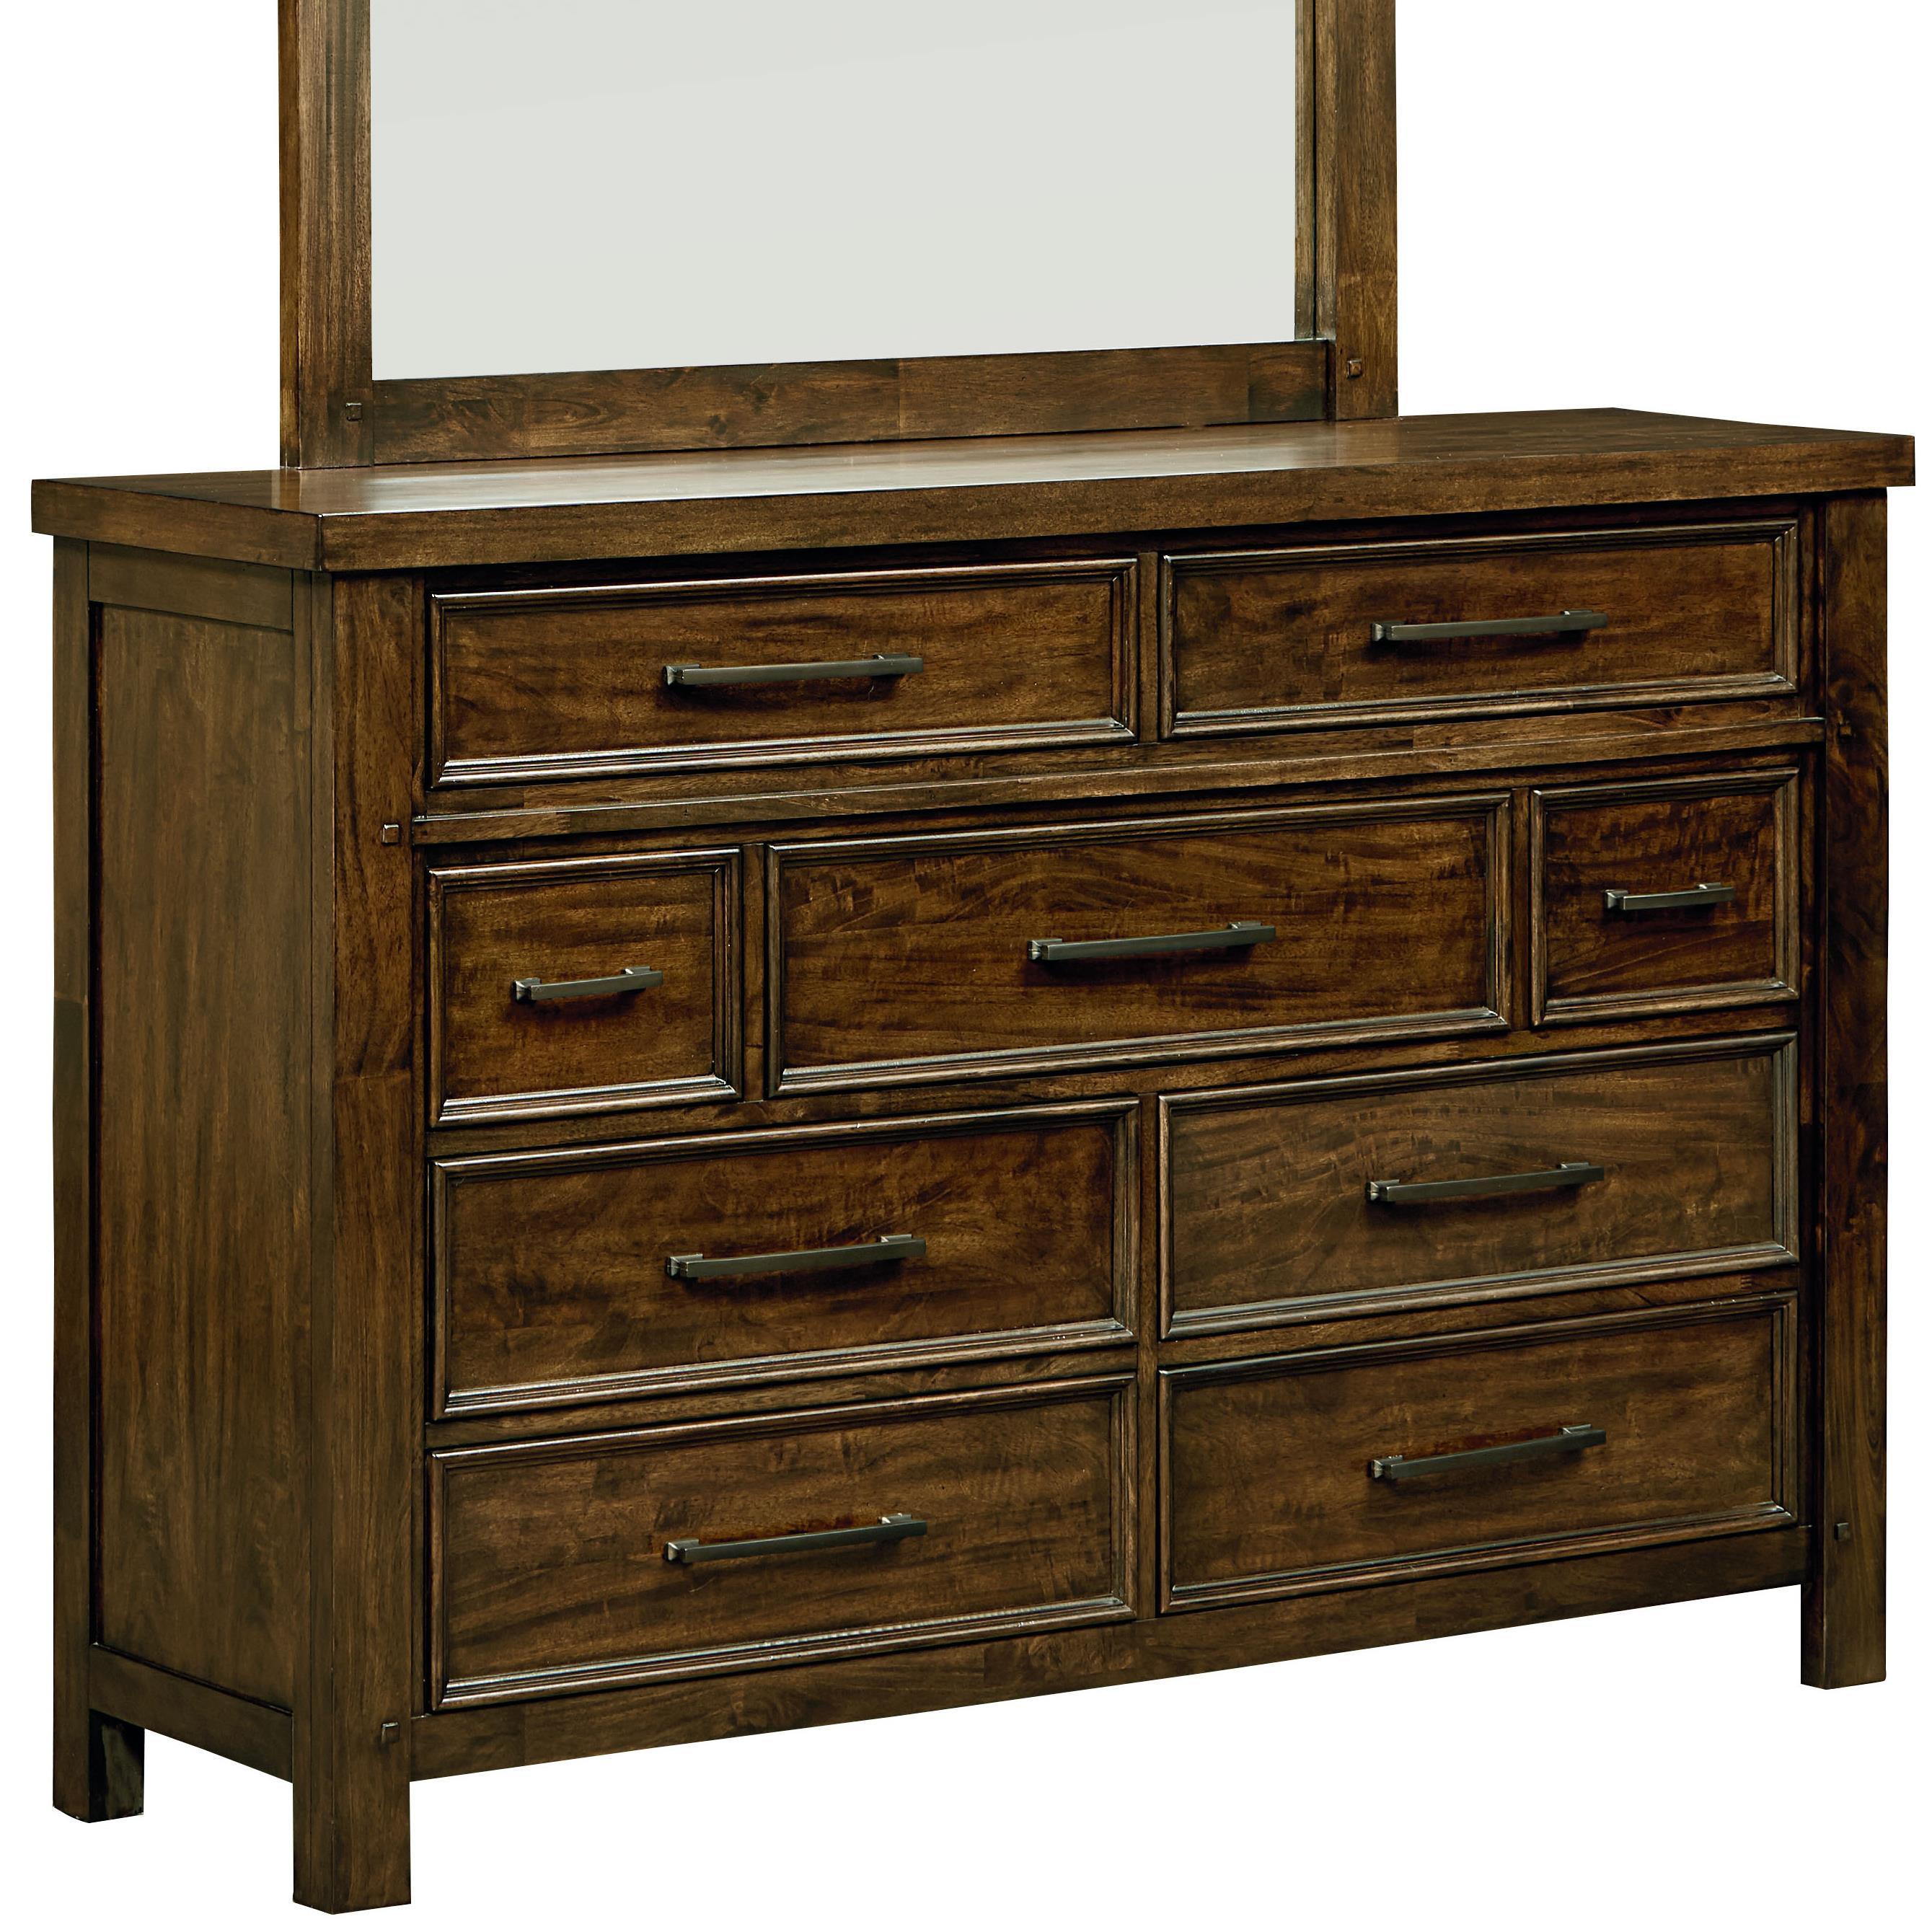 Standard Furniture Cameron Dresser                           - Item Number: 85159